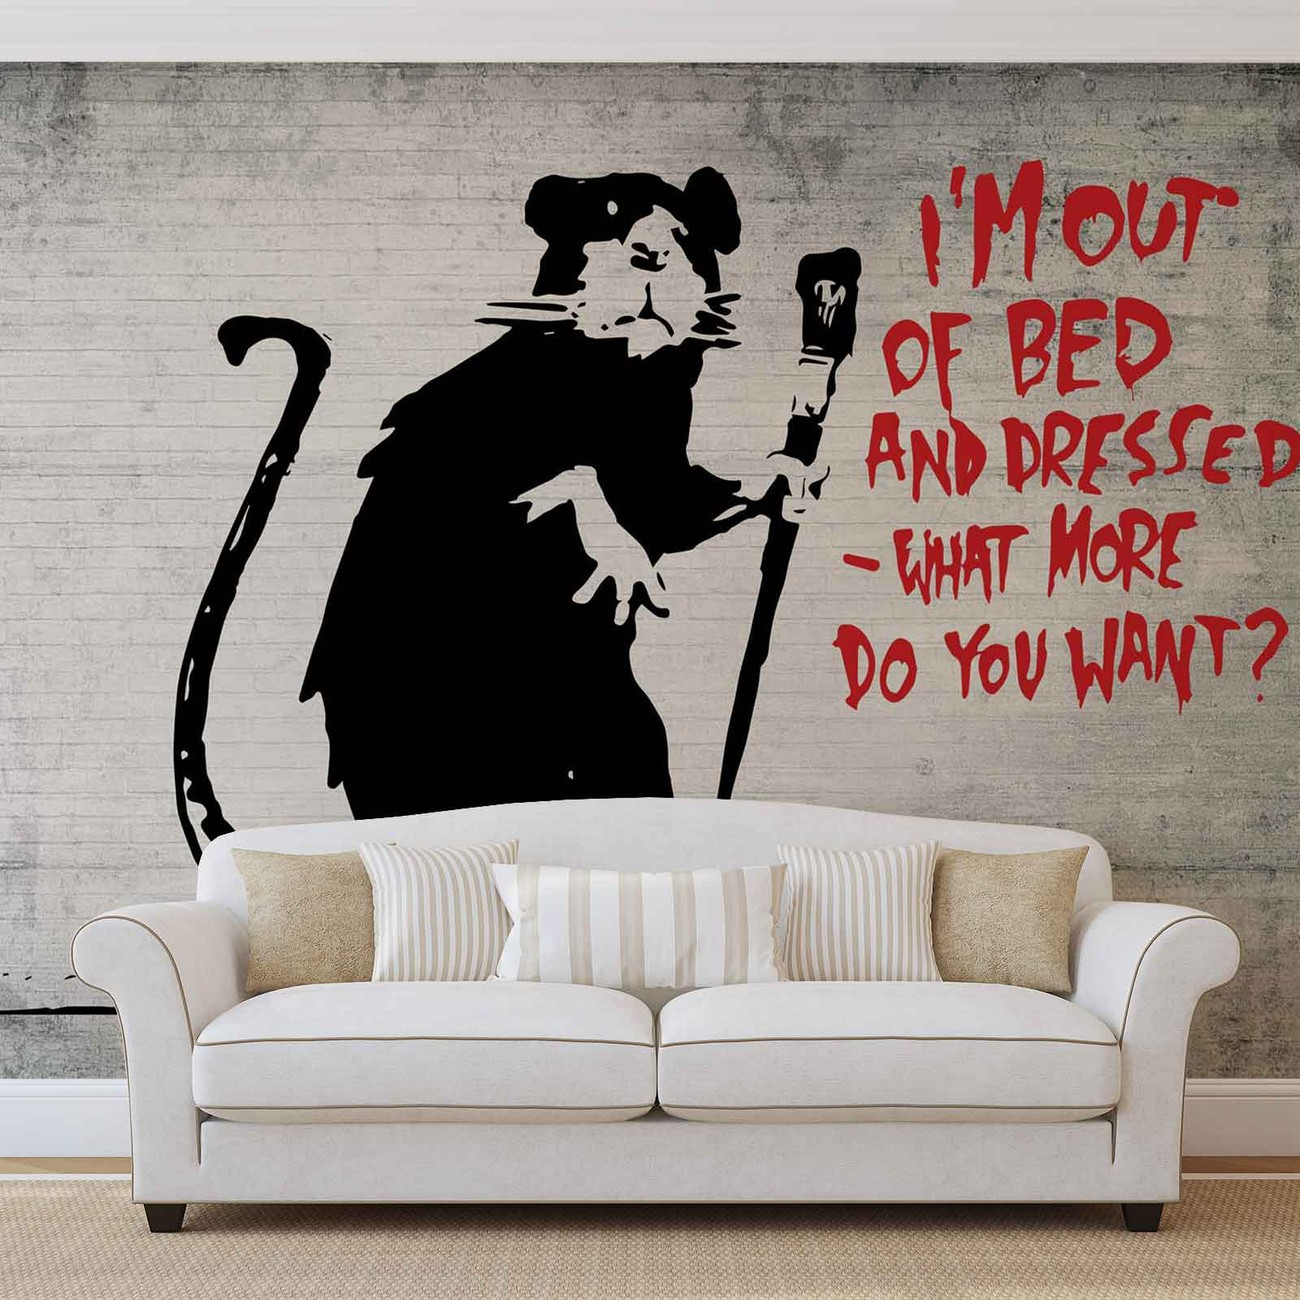 Fotomural Banksy Graffiti Rat Concrete Wall Papel Pintado